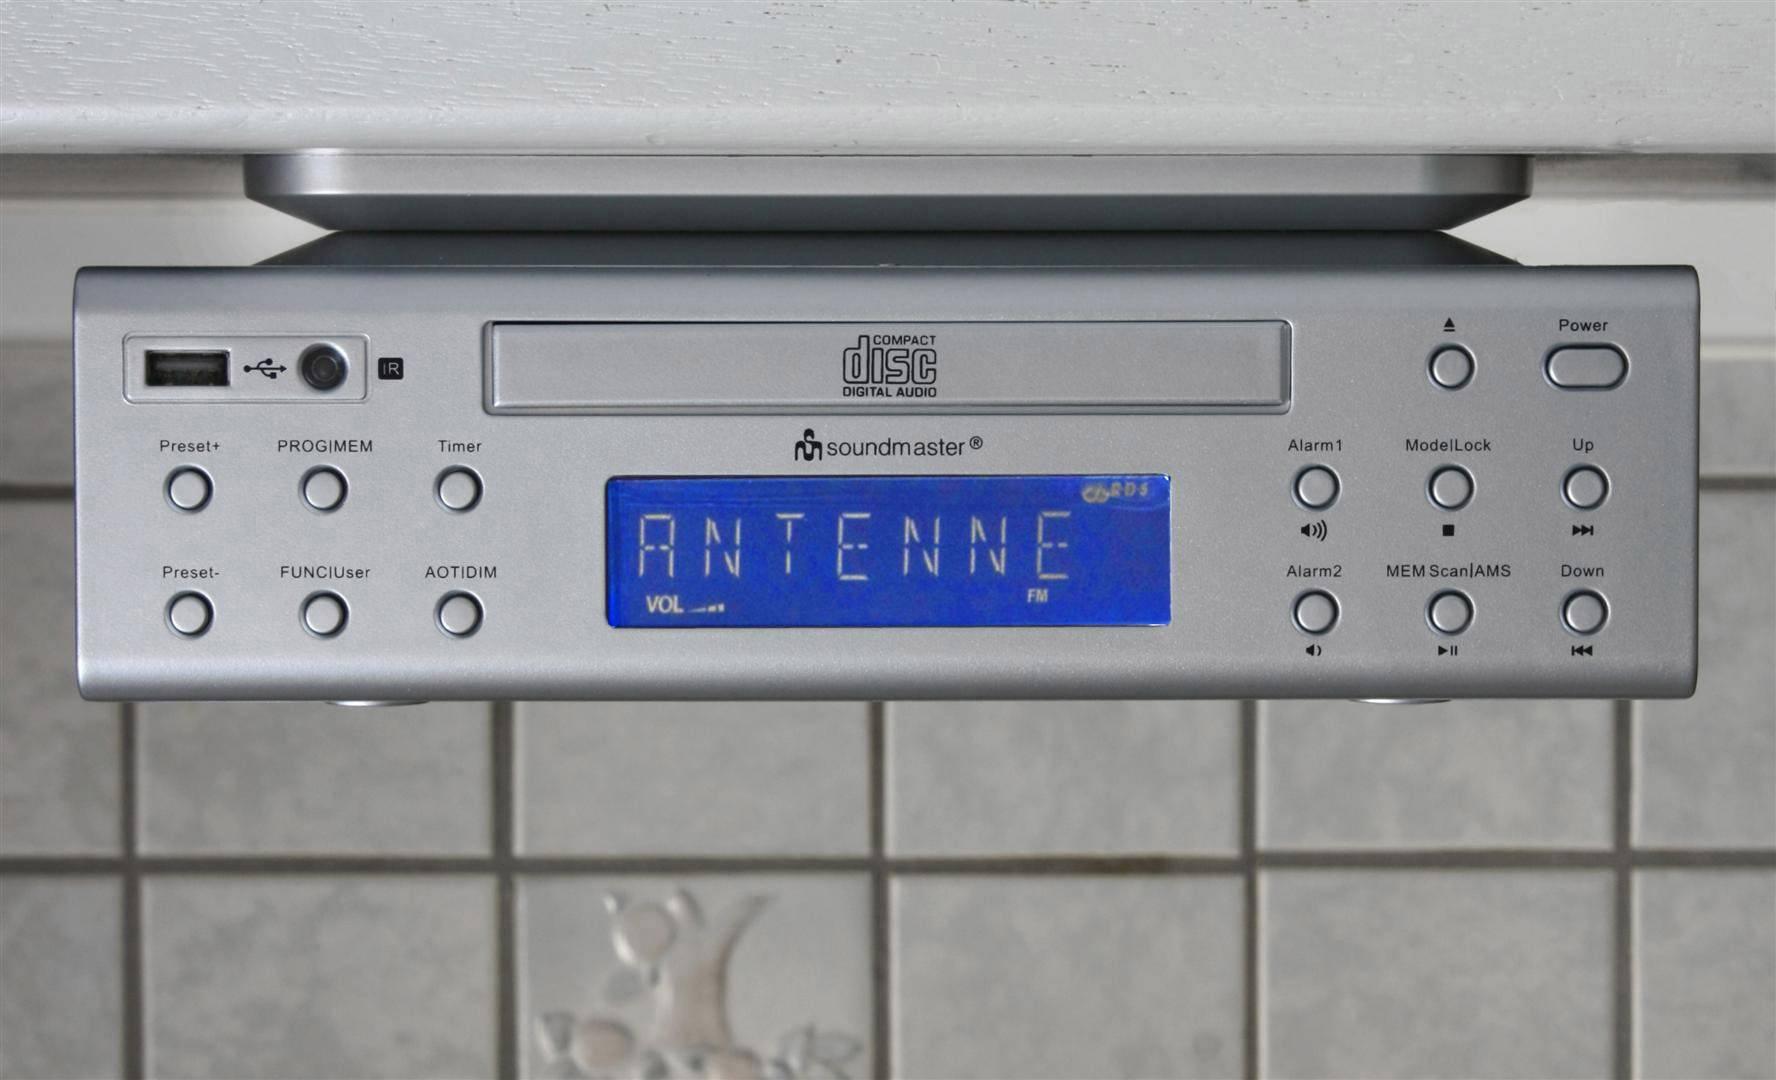 FM závesné rádio do kuchyne s CD/MP3 prehrávačom a USB, SoundMaster UR2050SI, strieborná